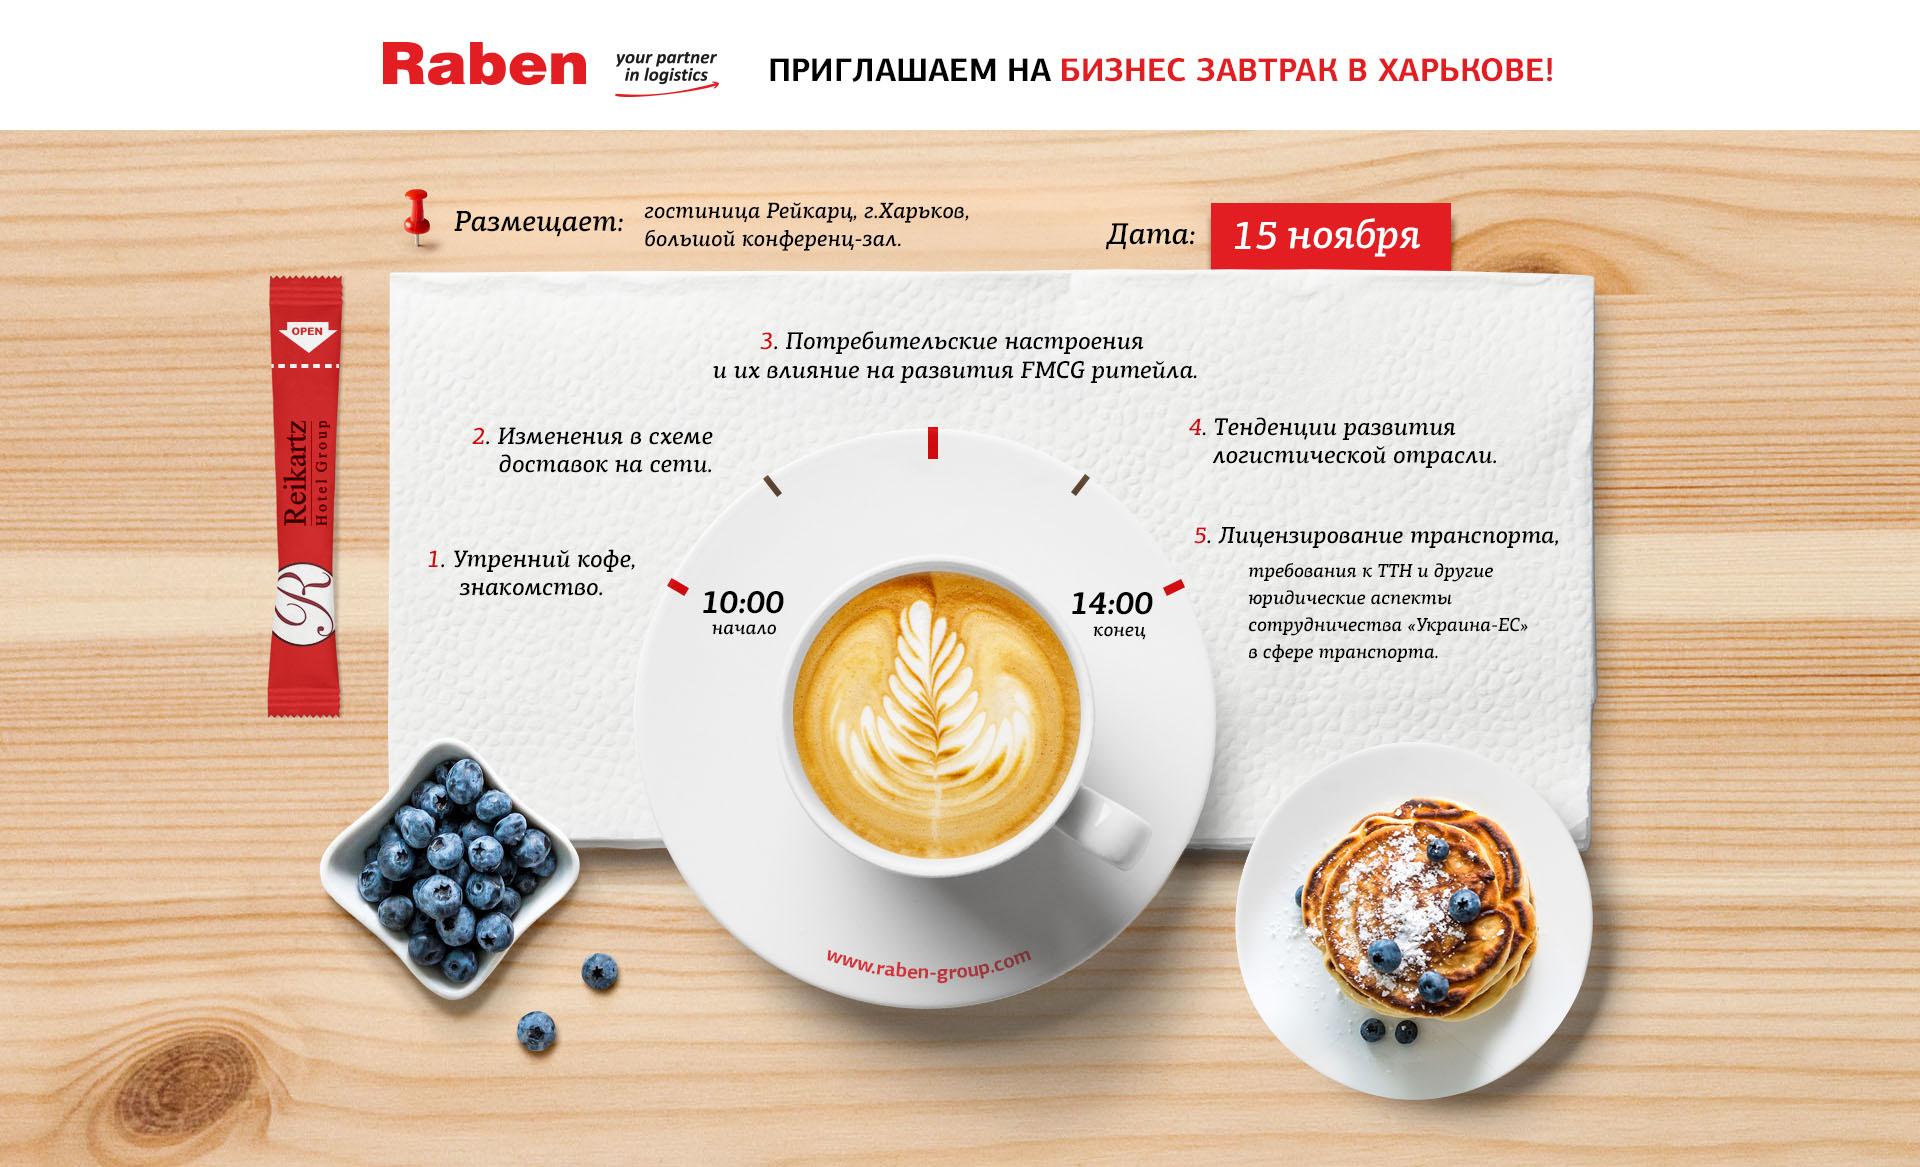 Пригласительный на бизнес завтрак в Харькове Raben Group